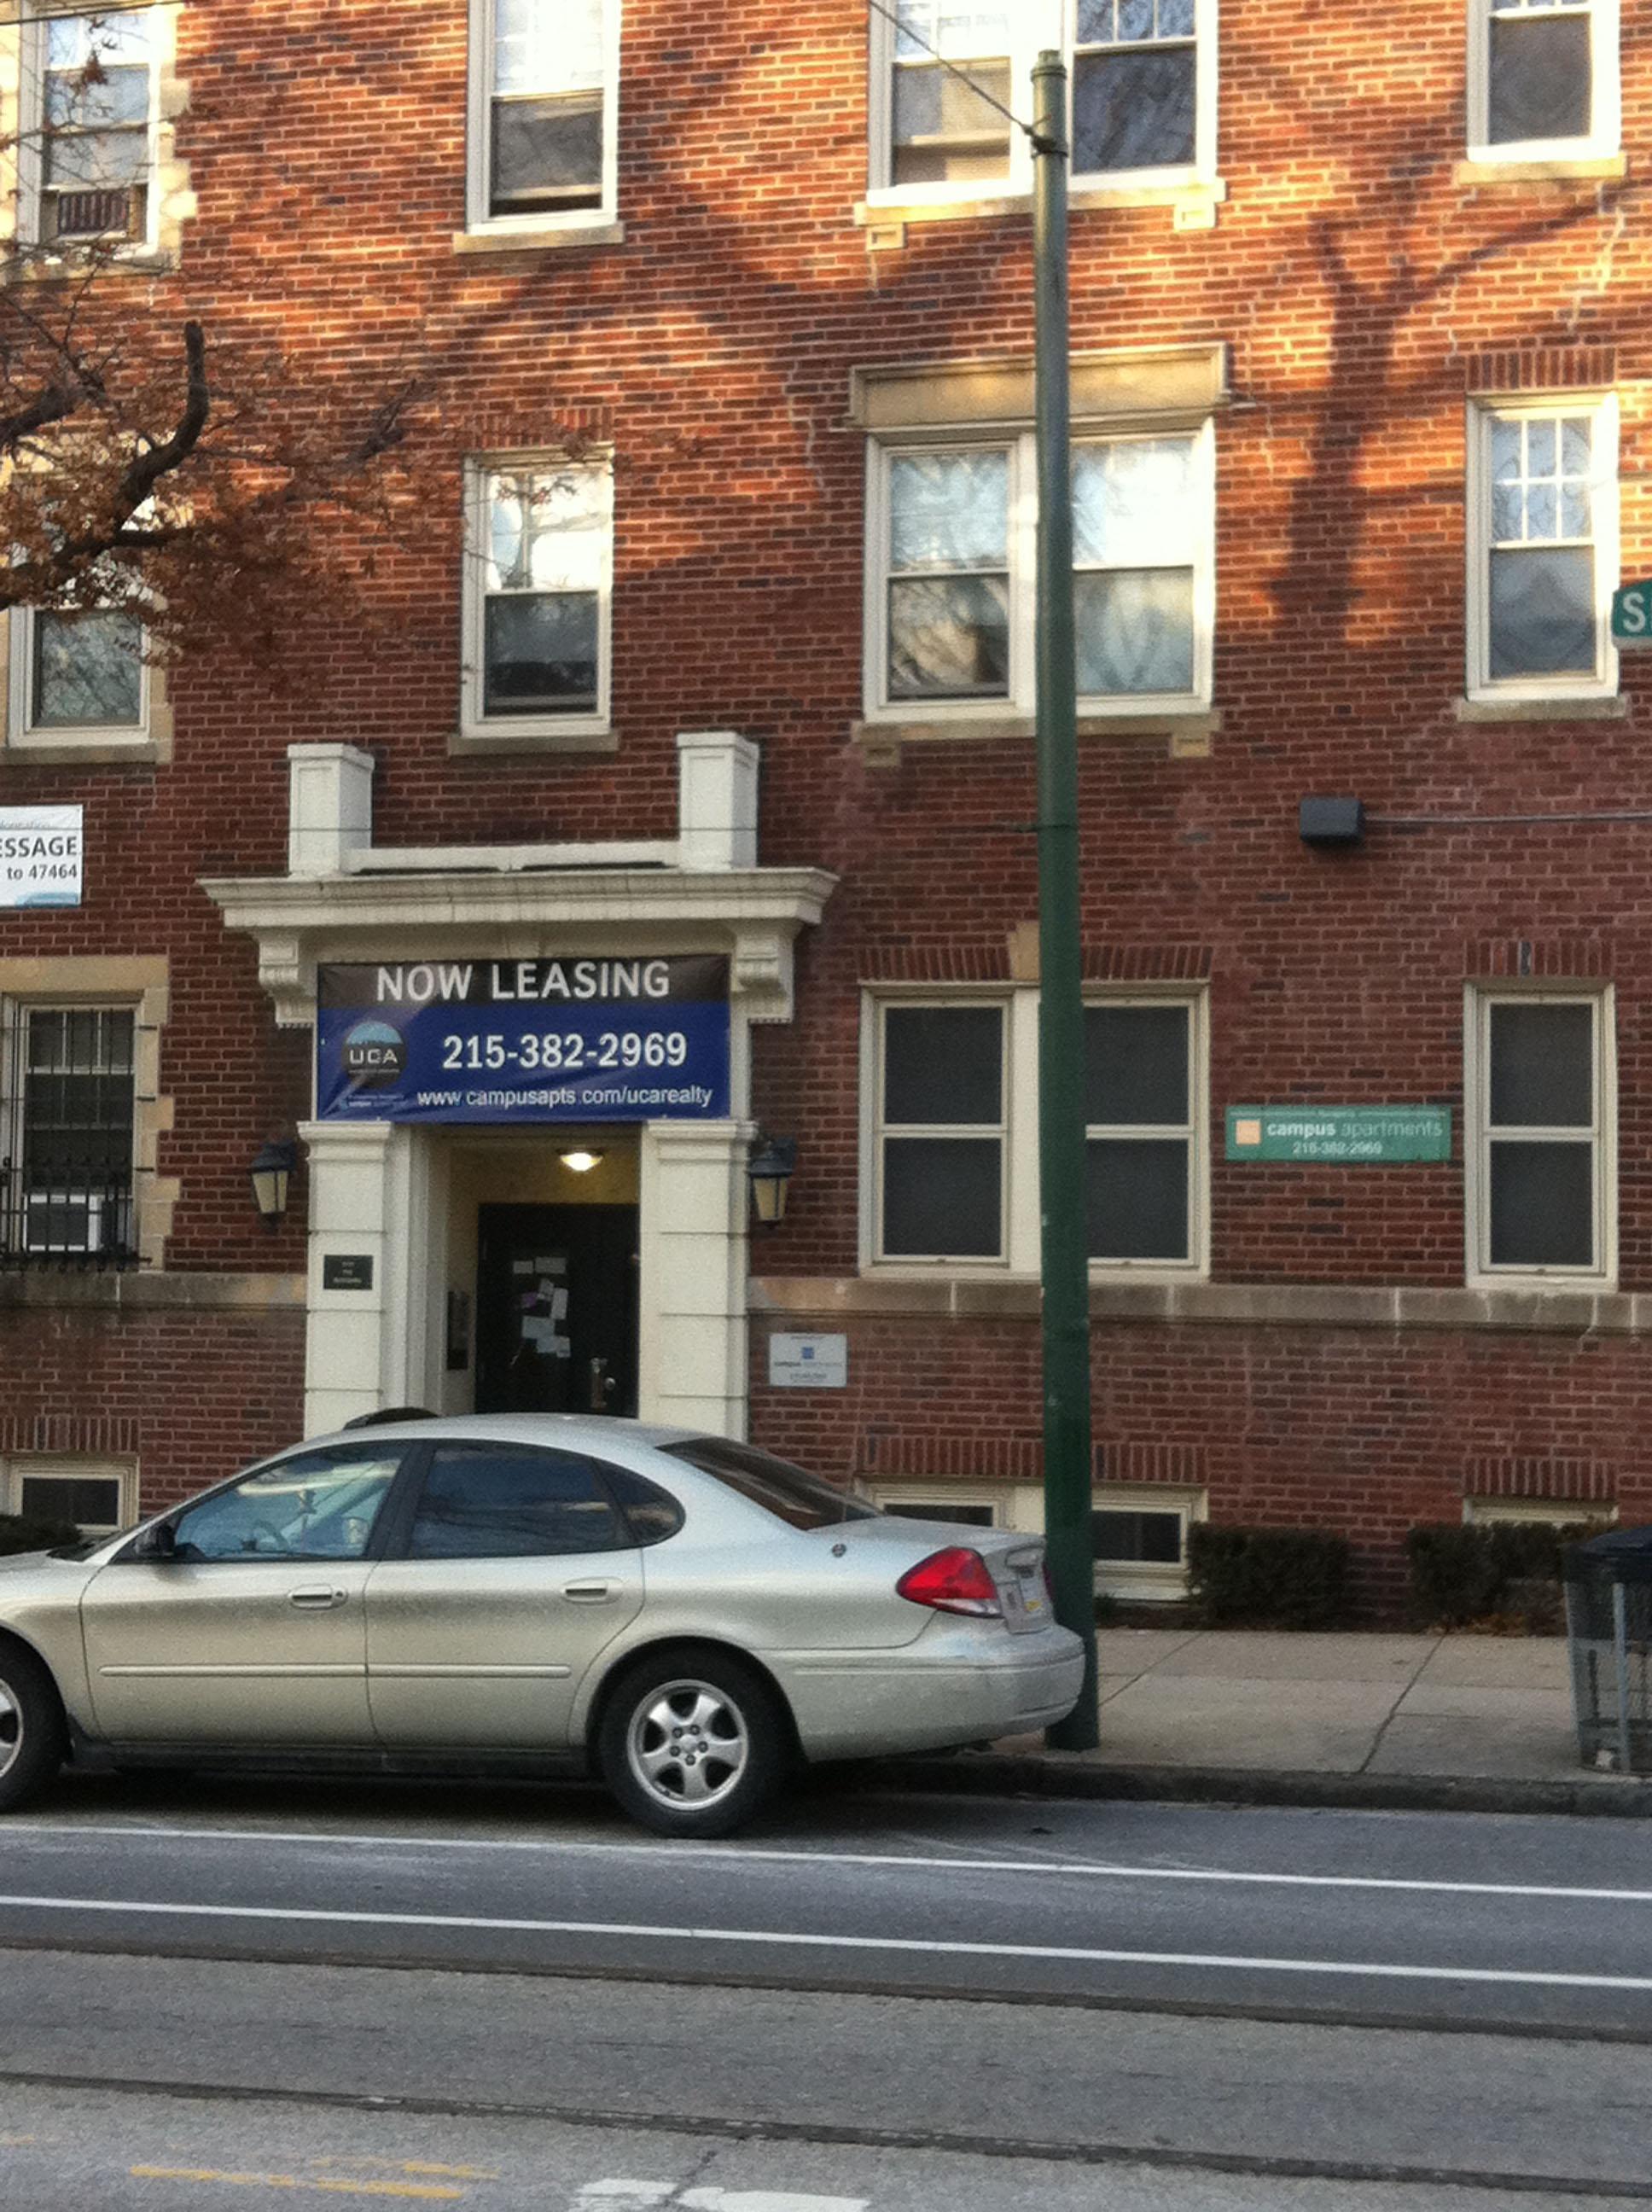 2 bedroom houses for rent in south philadelphia. 2 bedroom houses for rent in south philadelphia apartments for. e